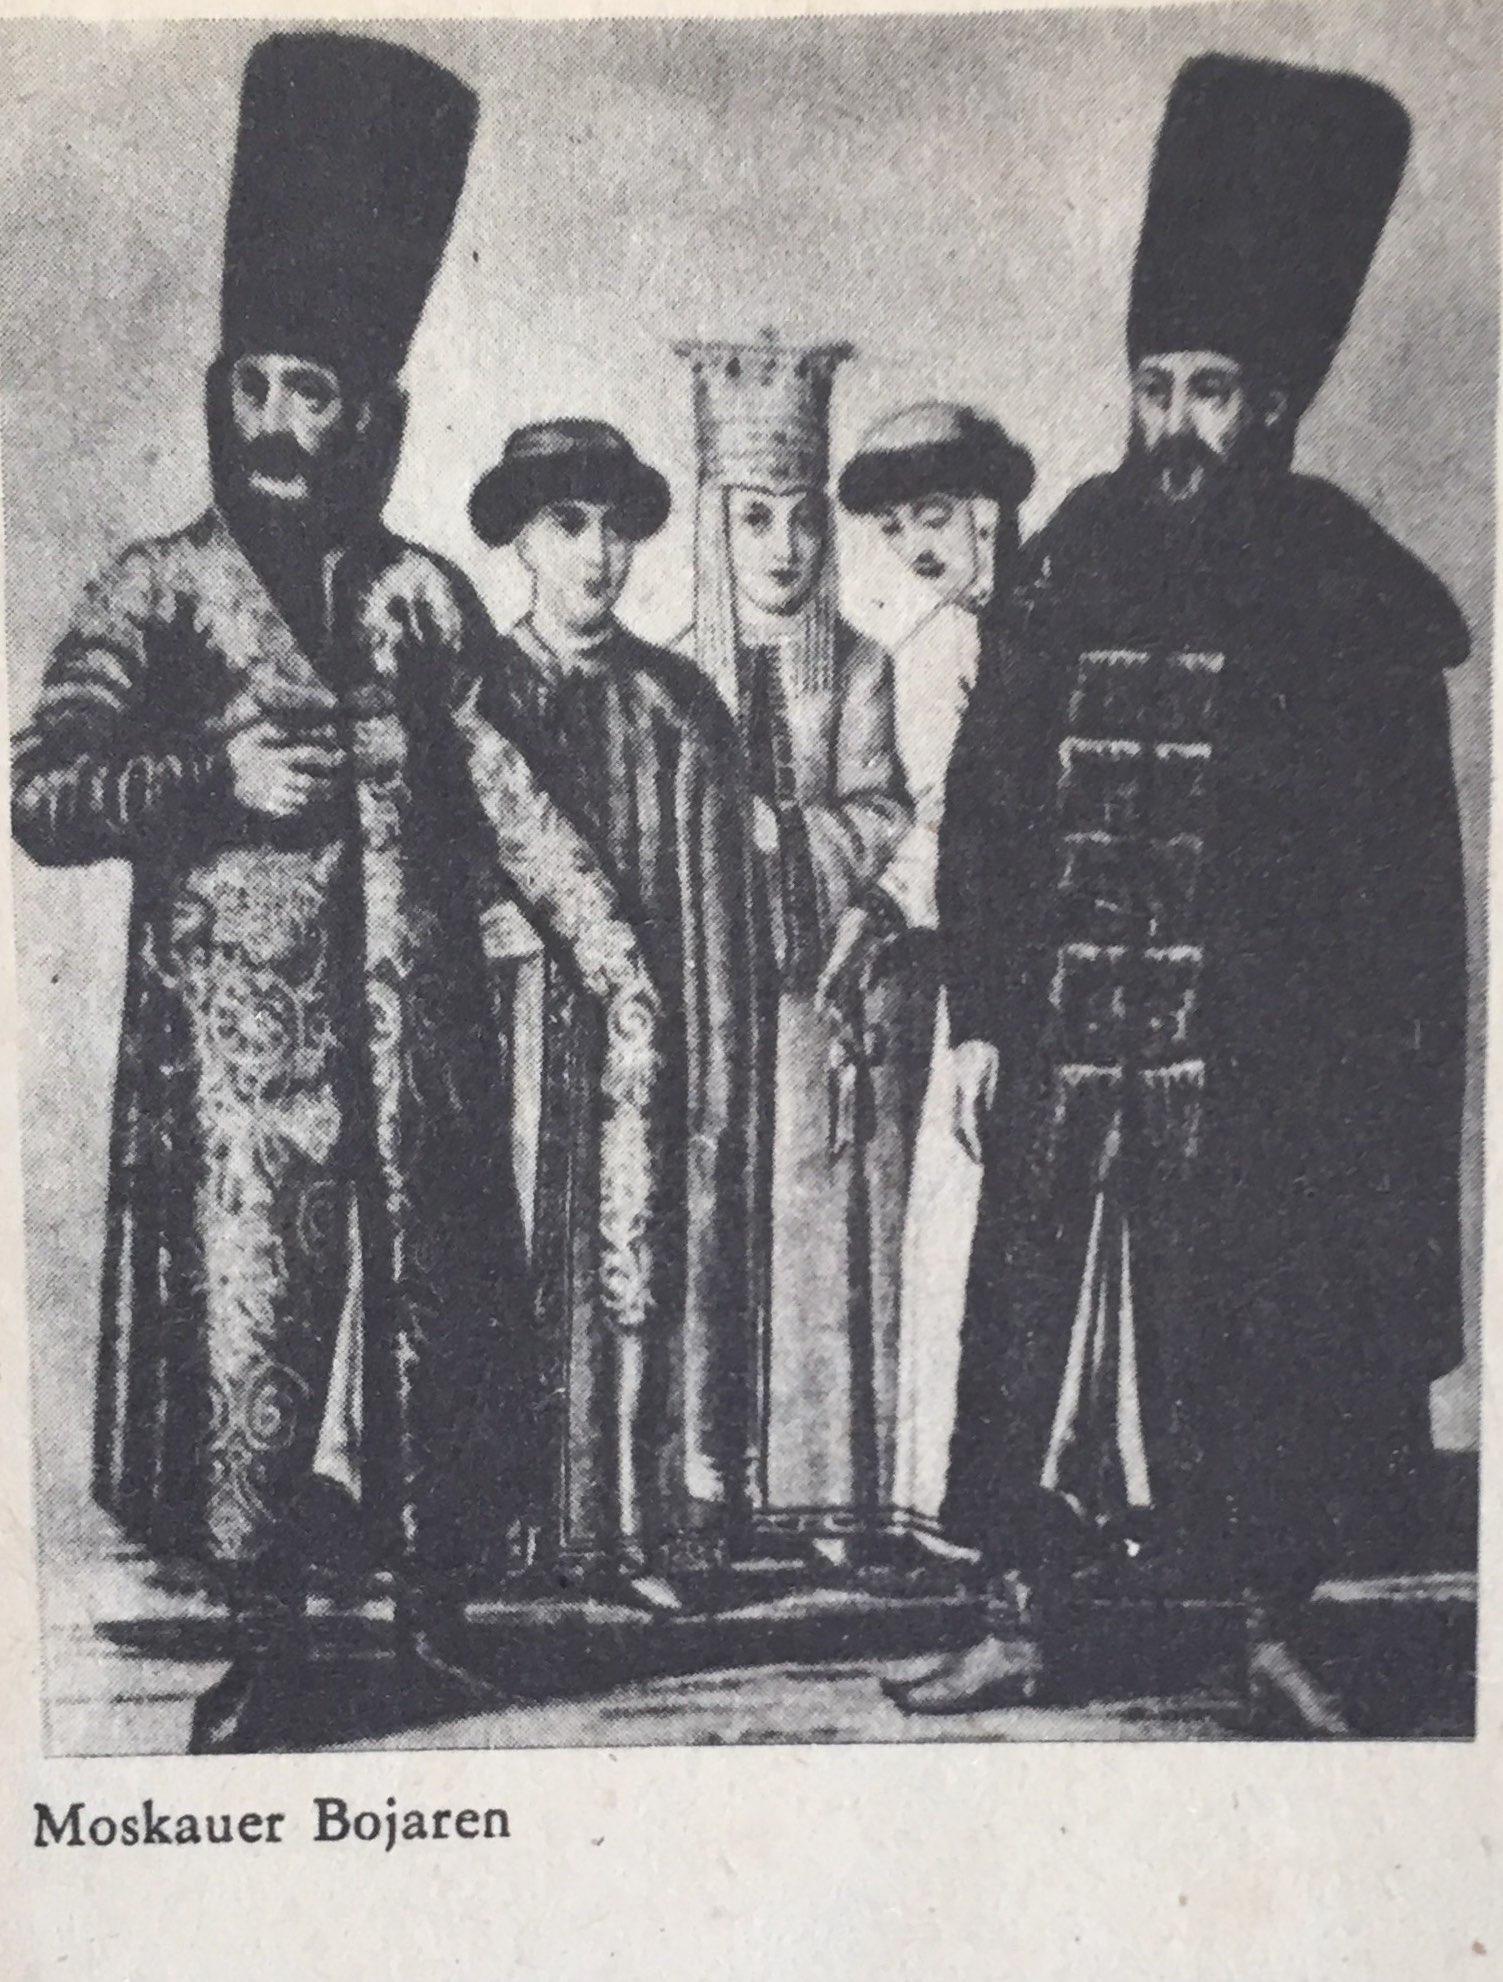 Moskauer Bojaren